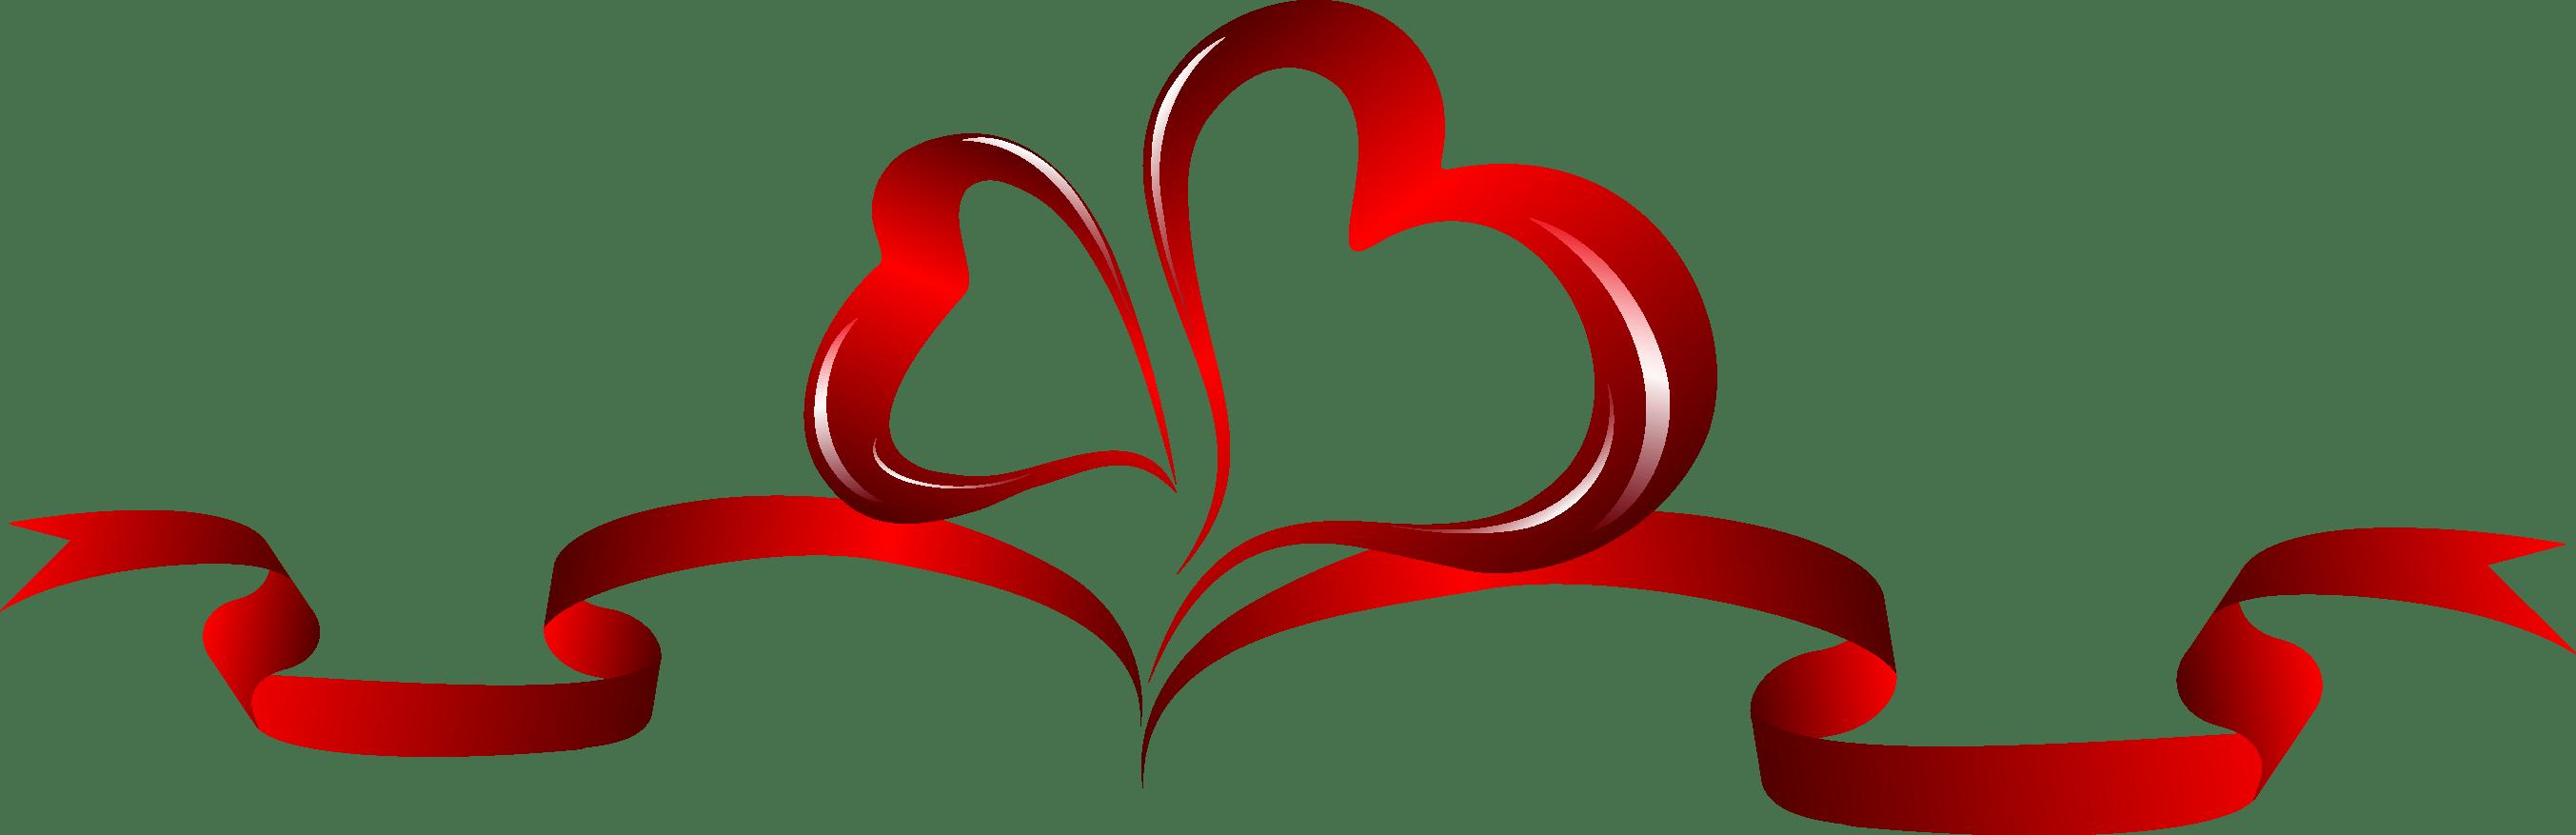 Ribbon, Heart png